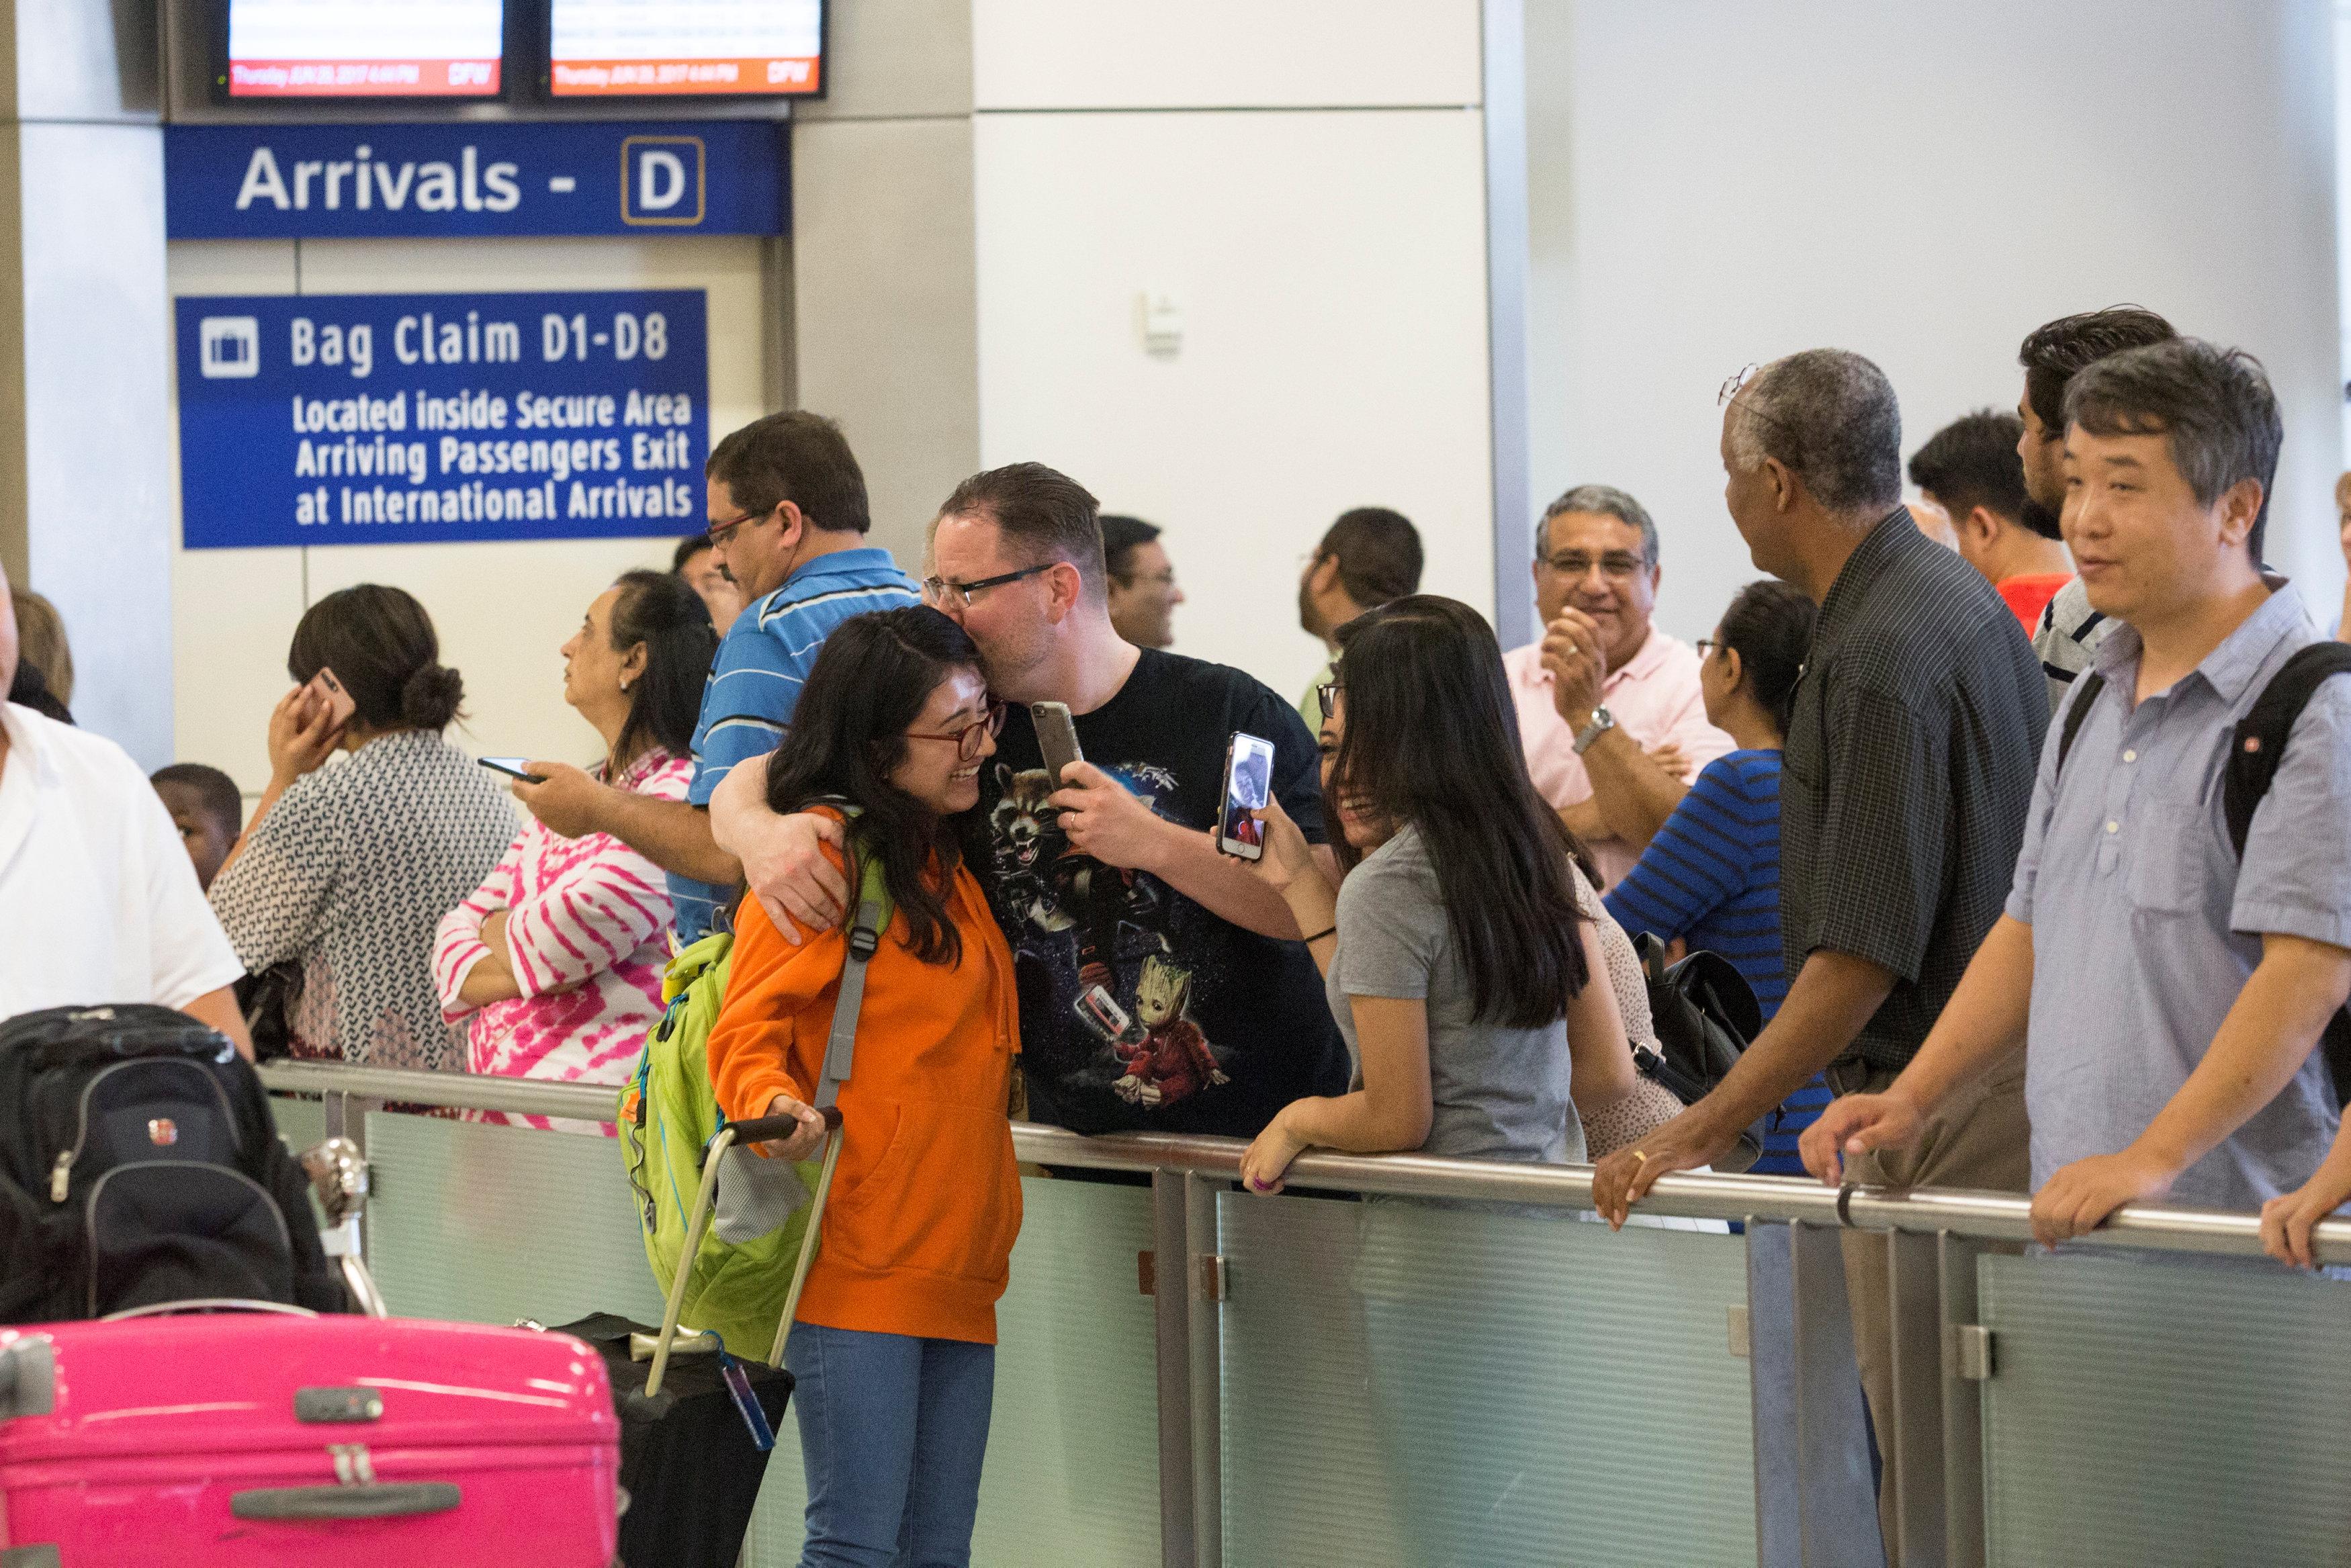 وصول مهاجرين إلى أمريكا